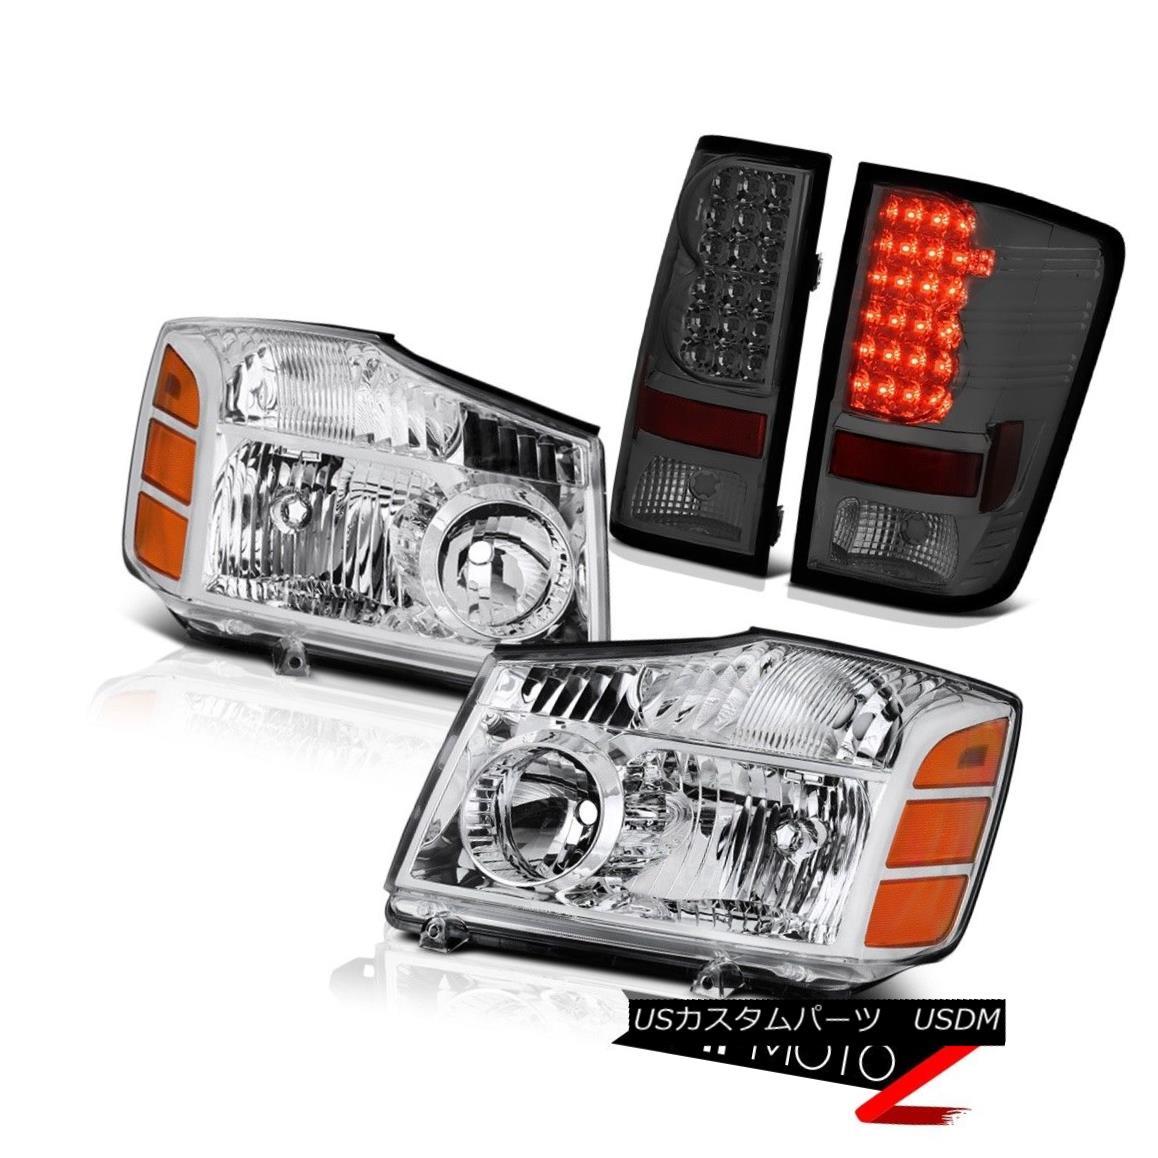 ヘッドライト For 2004-2015 Titan XE Crystal Clear Headlamps Assembly Smoke Tail Lights LED 2004年?2015年タイタンXEクリスタルクリアヘッドランプアセンブリ煙テールライトLED